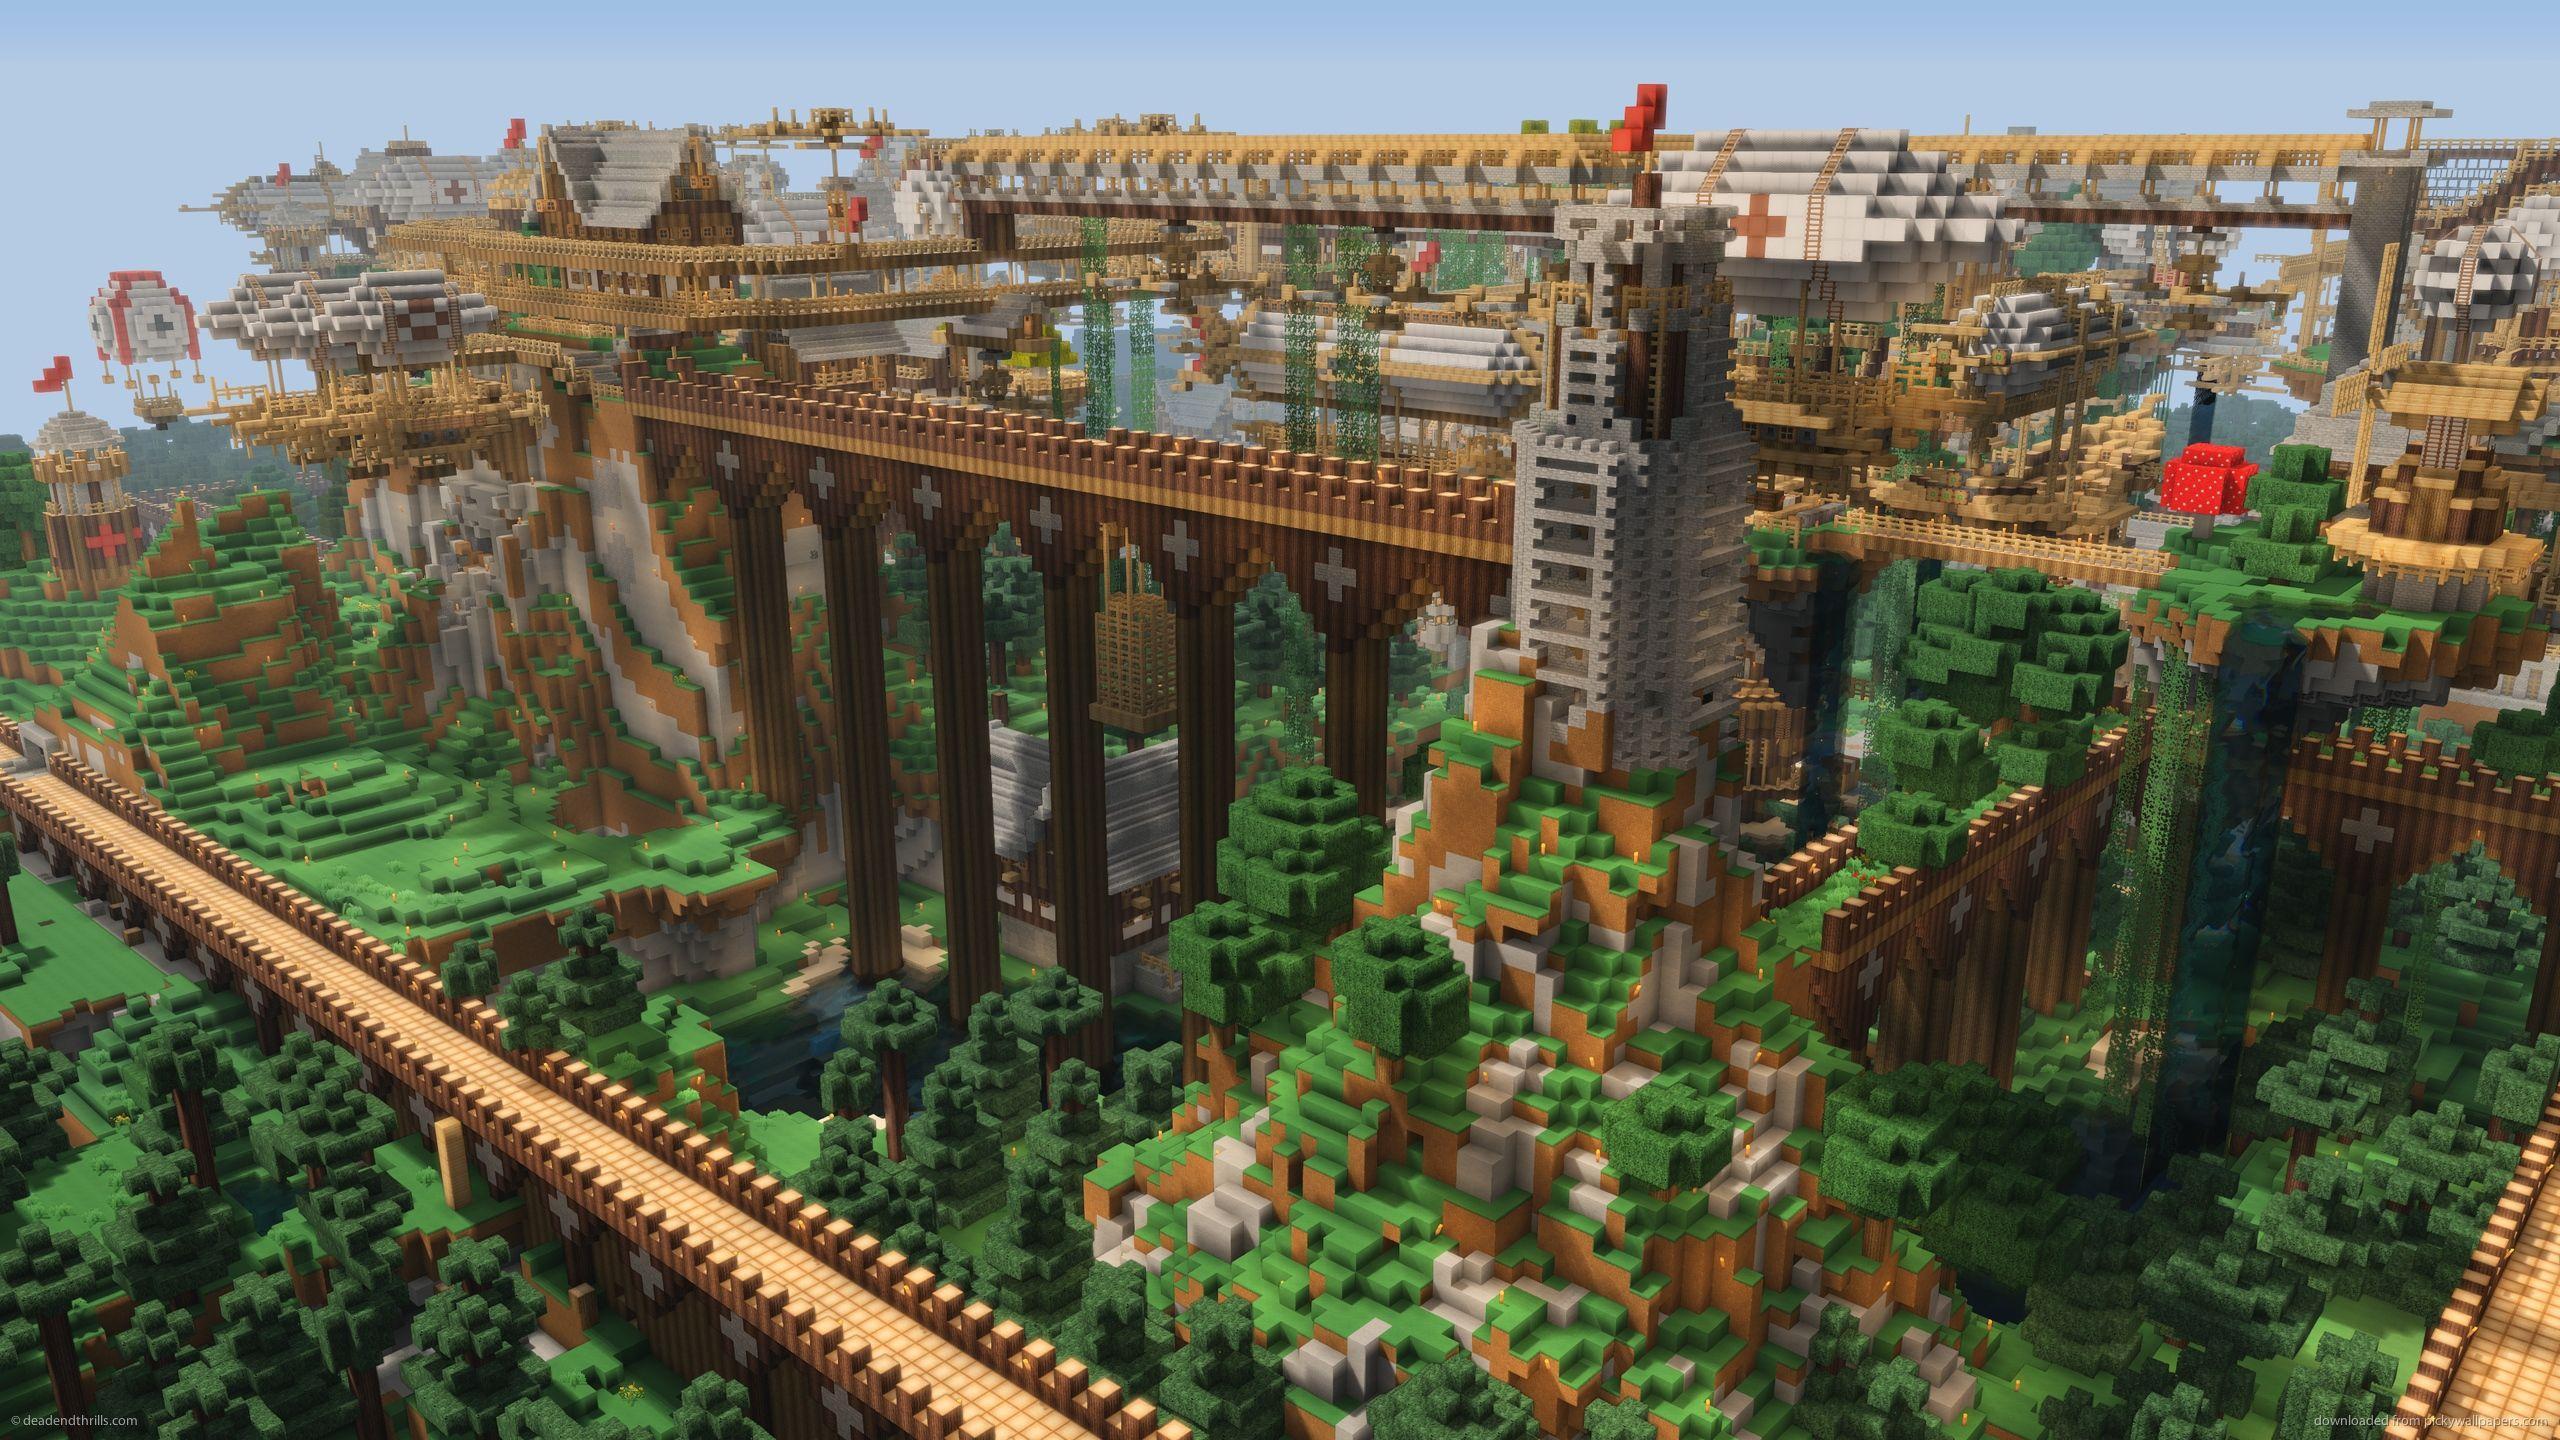 2560x1440 Minecraft Wallpaper 44D | Verdewall